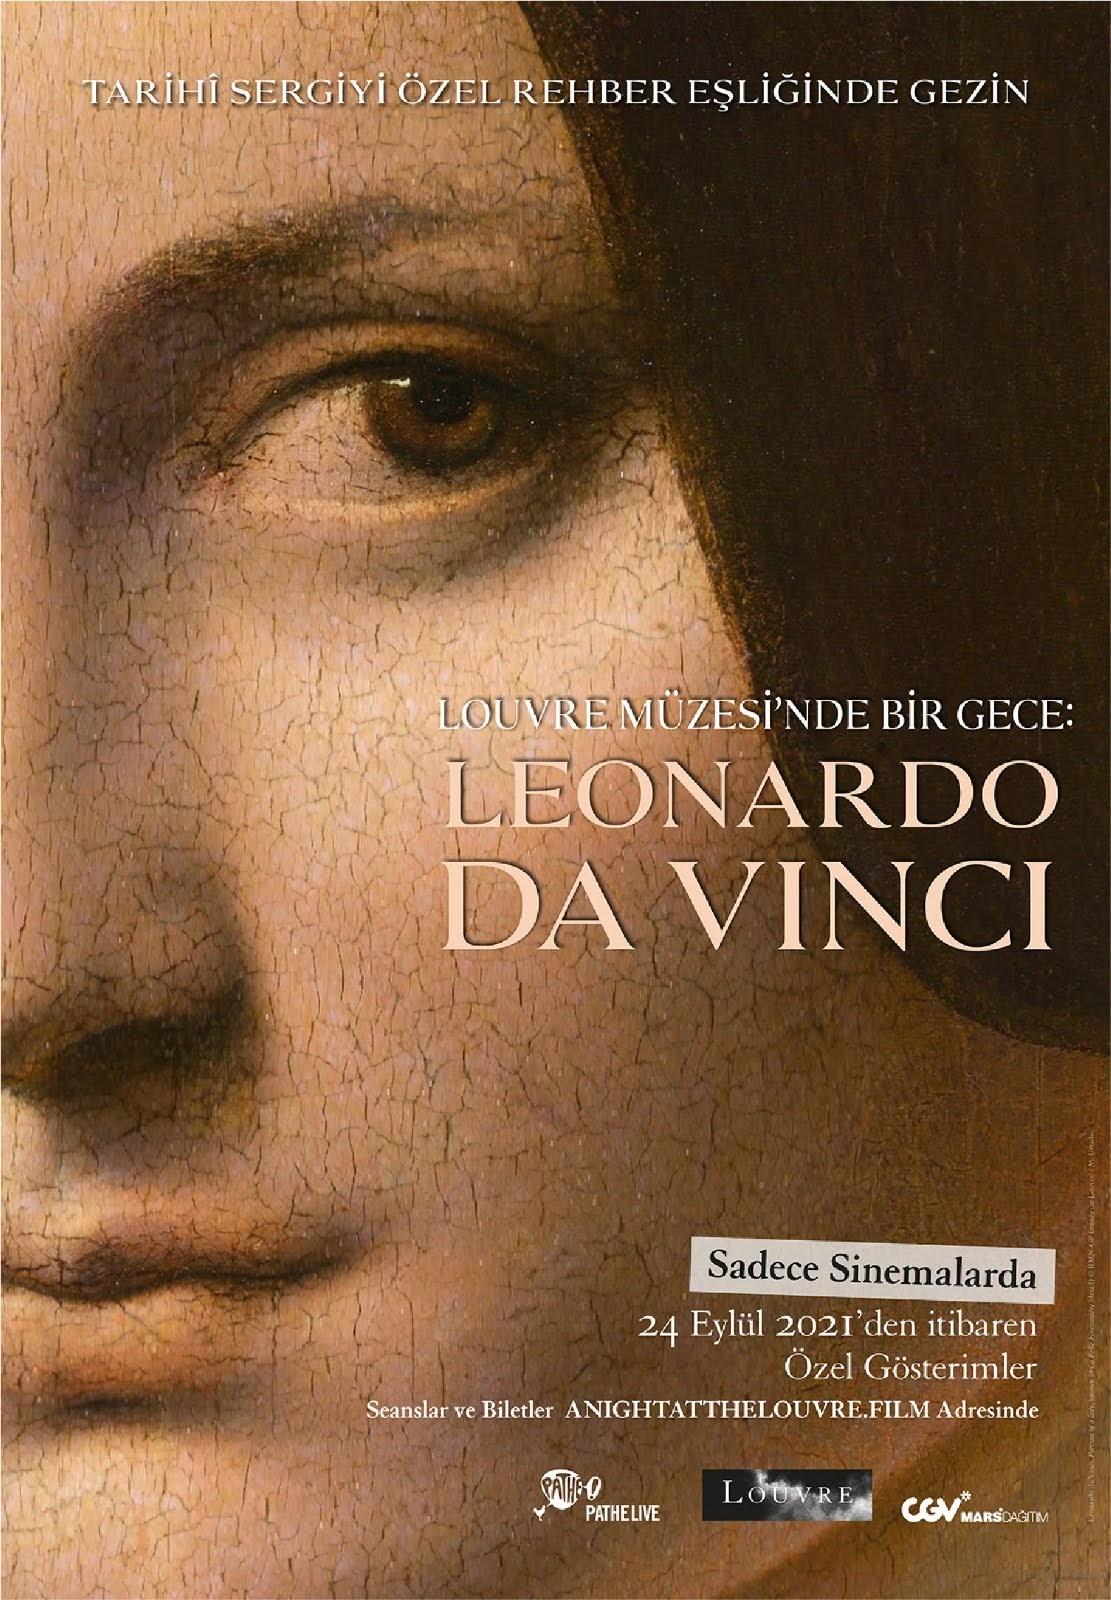 Louvre Müzesi'nde Bir Gece: Leonardo Da Vinci - A Night at the Louvre: Leonardo Da Vinci (2021)